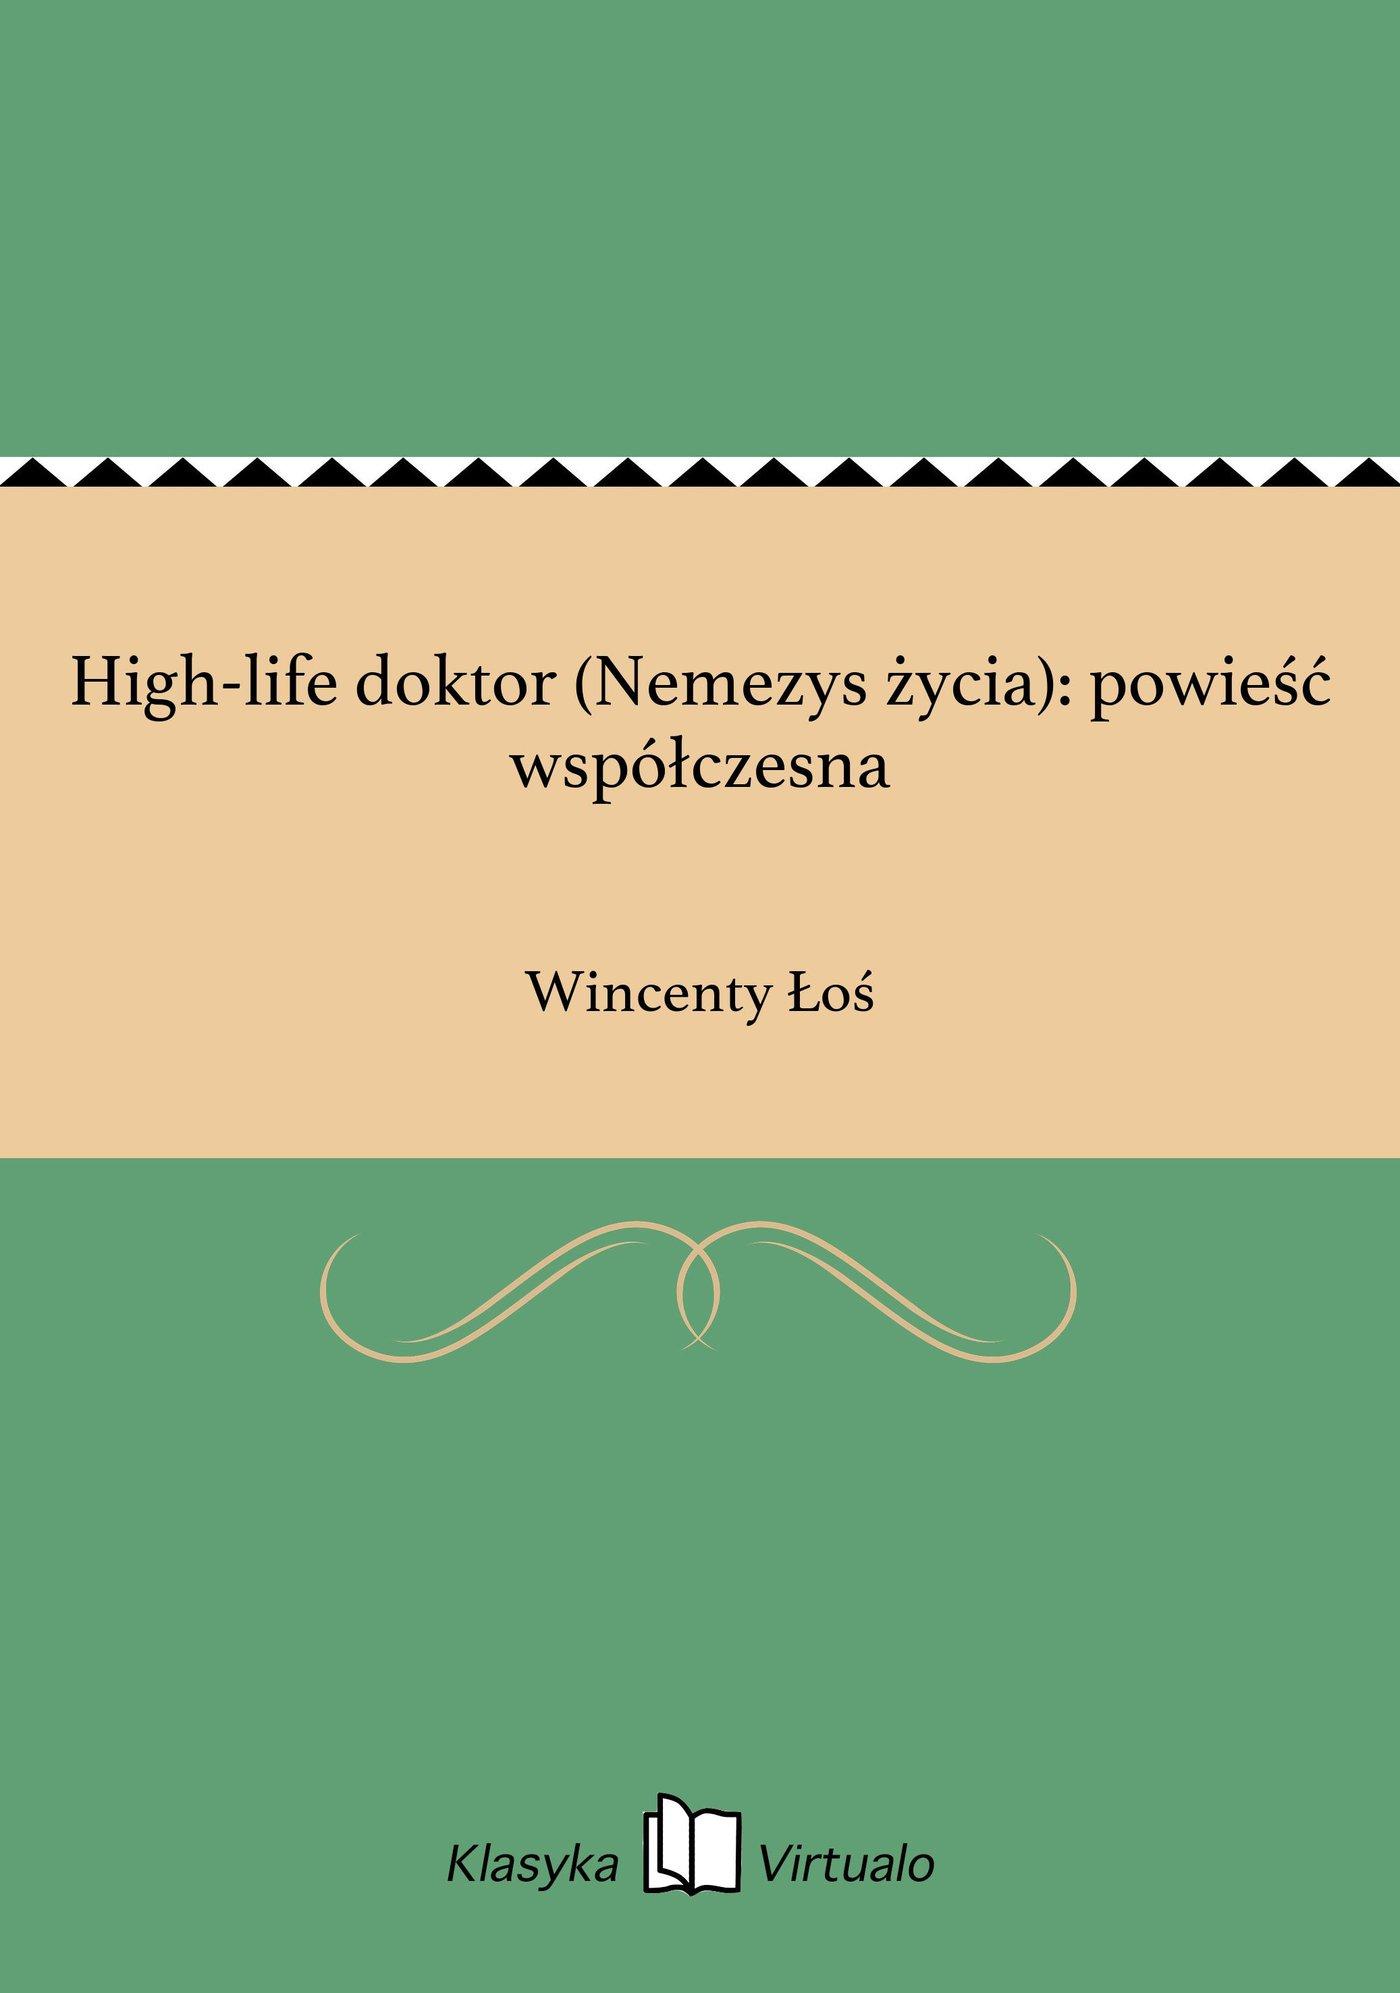 High-life doktor (Nemezys życia): powieść współczesna - Ebook (Książka EPUB) do pobrania w formacie EPUB